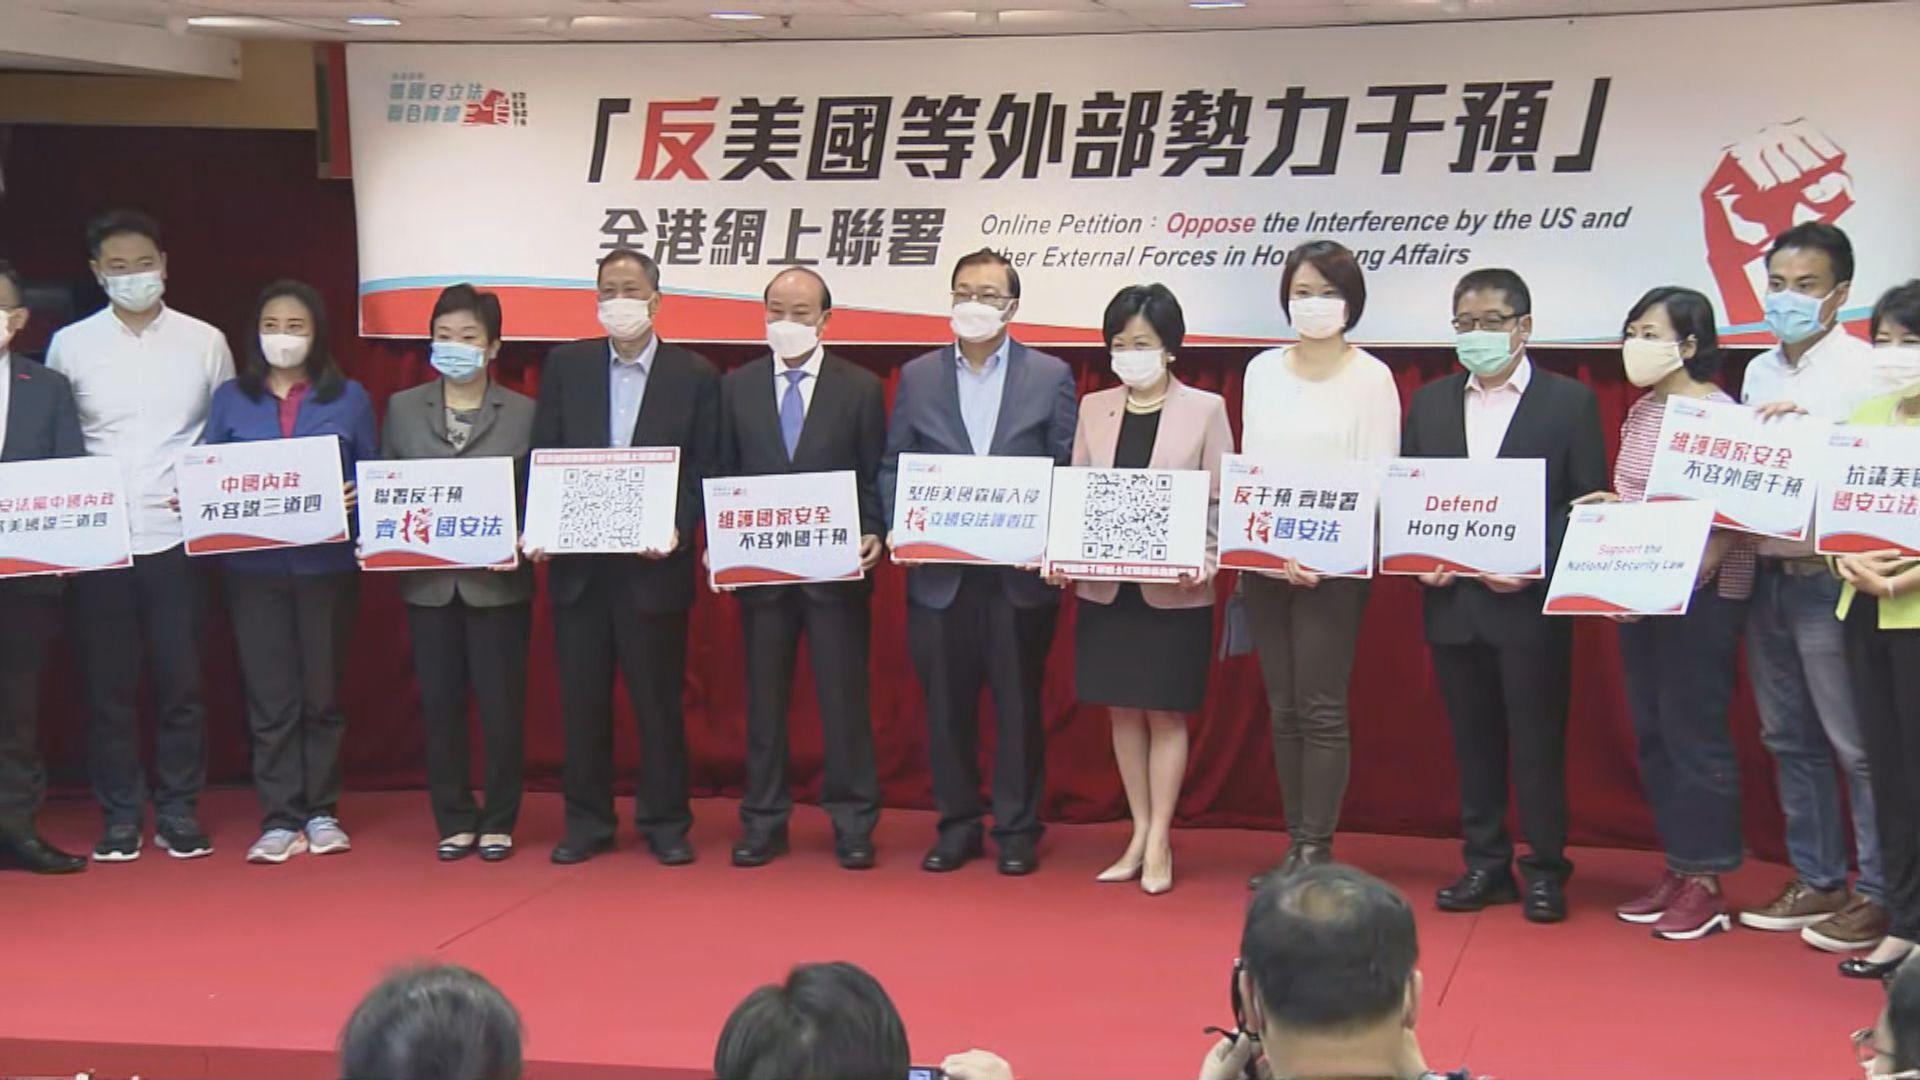 譚耀宗:國安法涉及非一般治安問題 需由國家層面處理